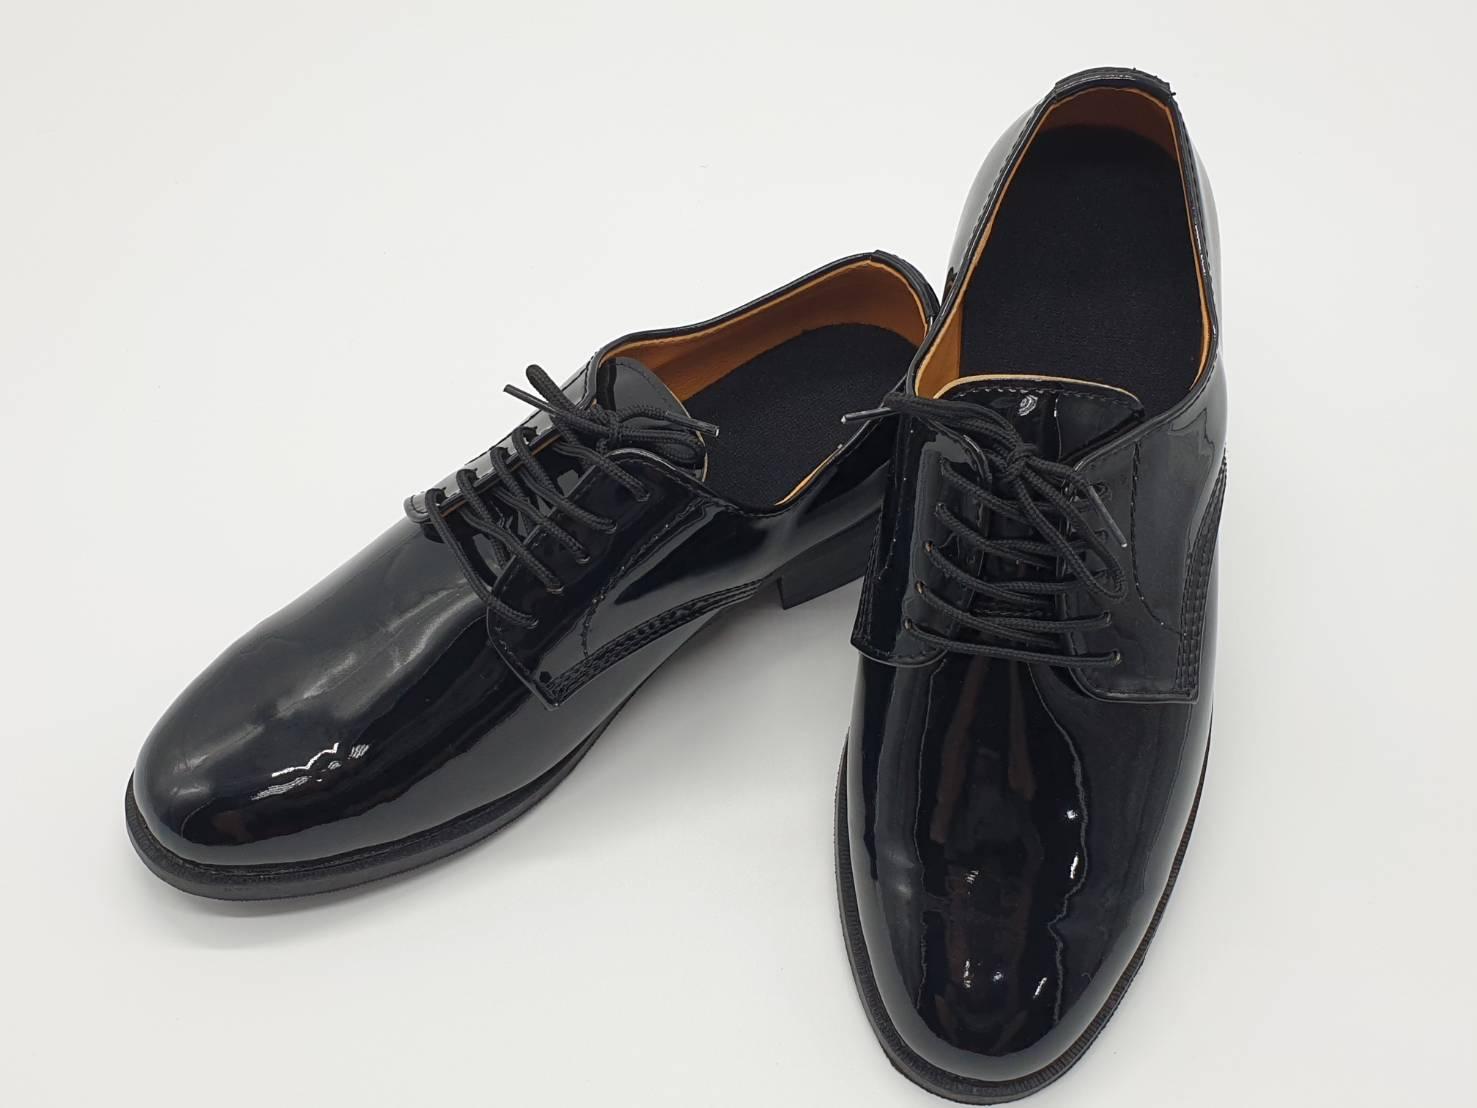 亮皮小皮鞋  黑鞋/皮鞋/軍鞋/ 黑色 七個尺碼可選